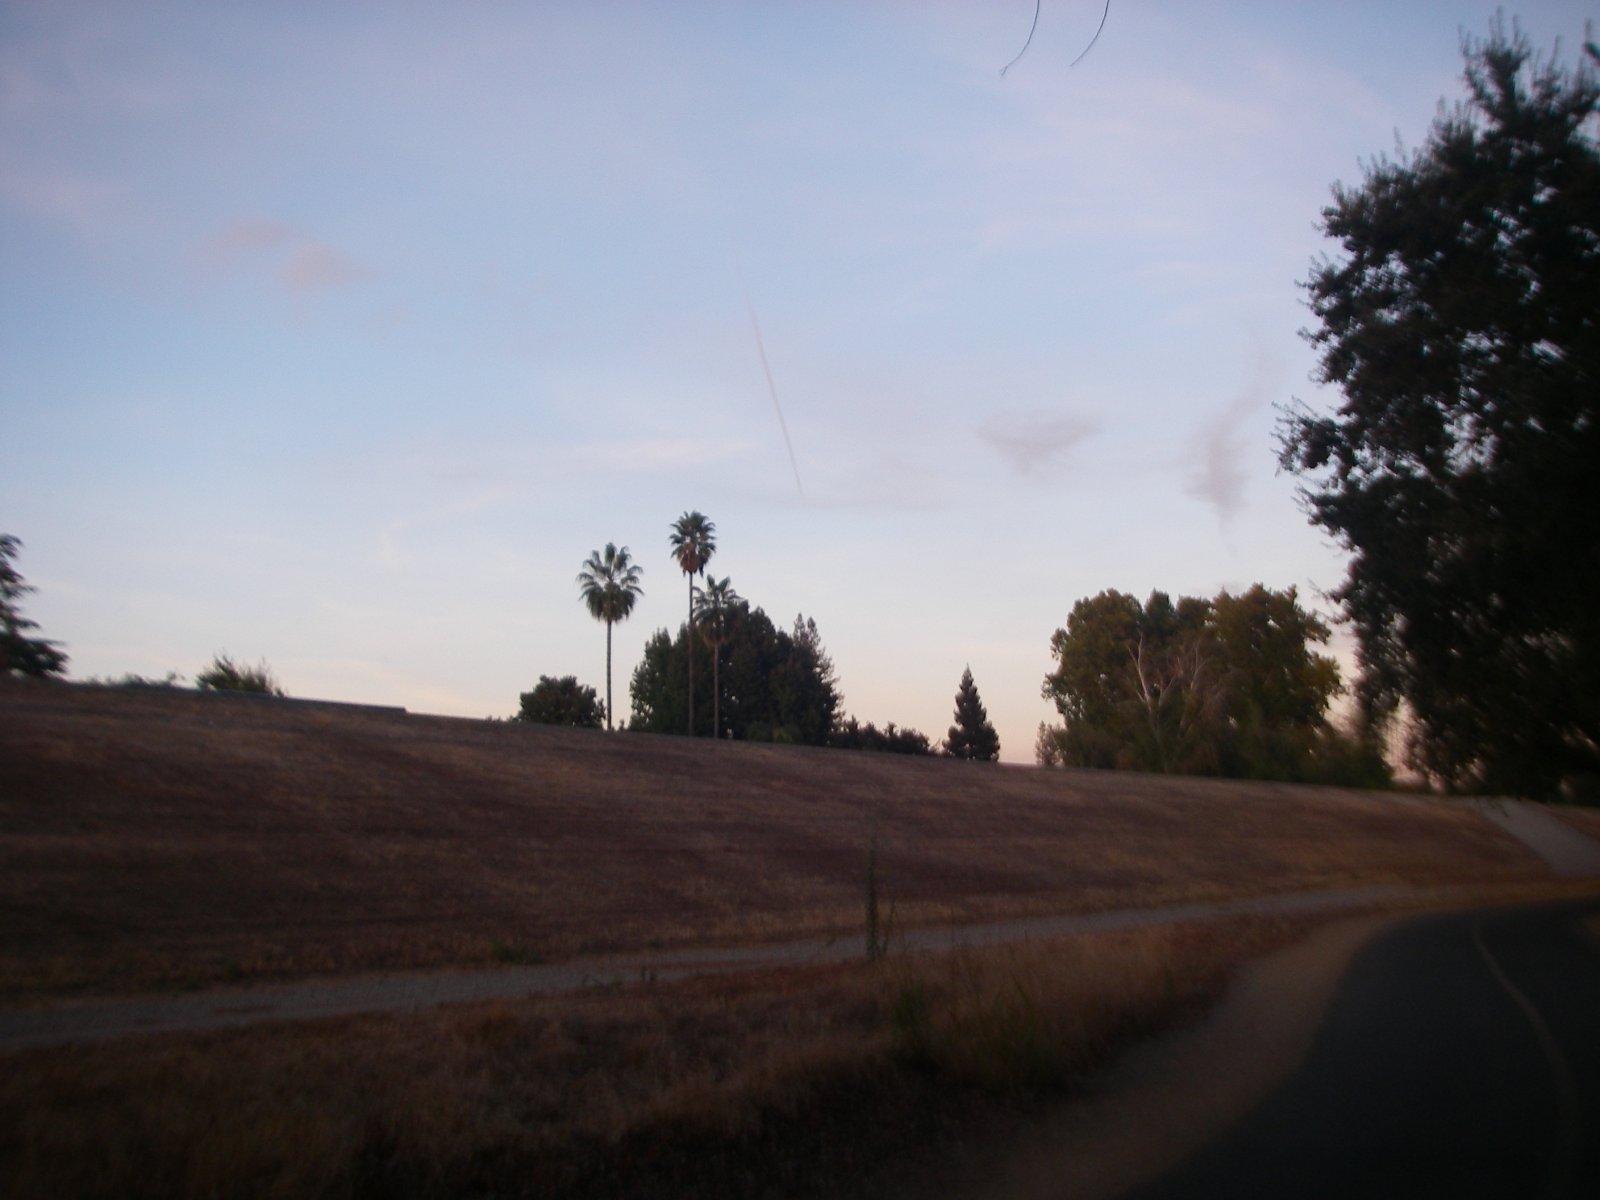 16-10-07 trail-x 1832.JPG